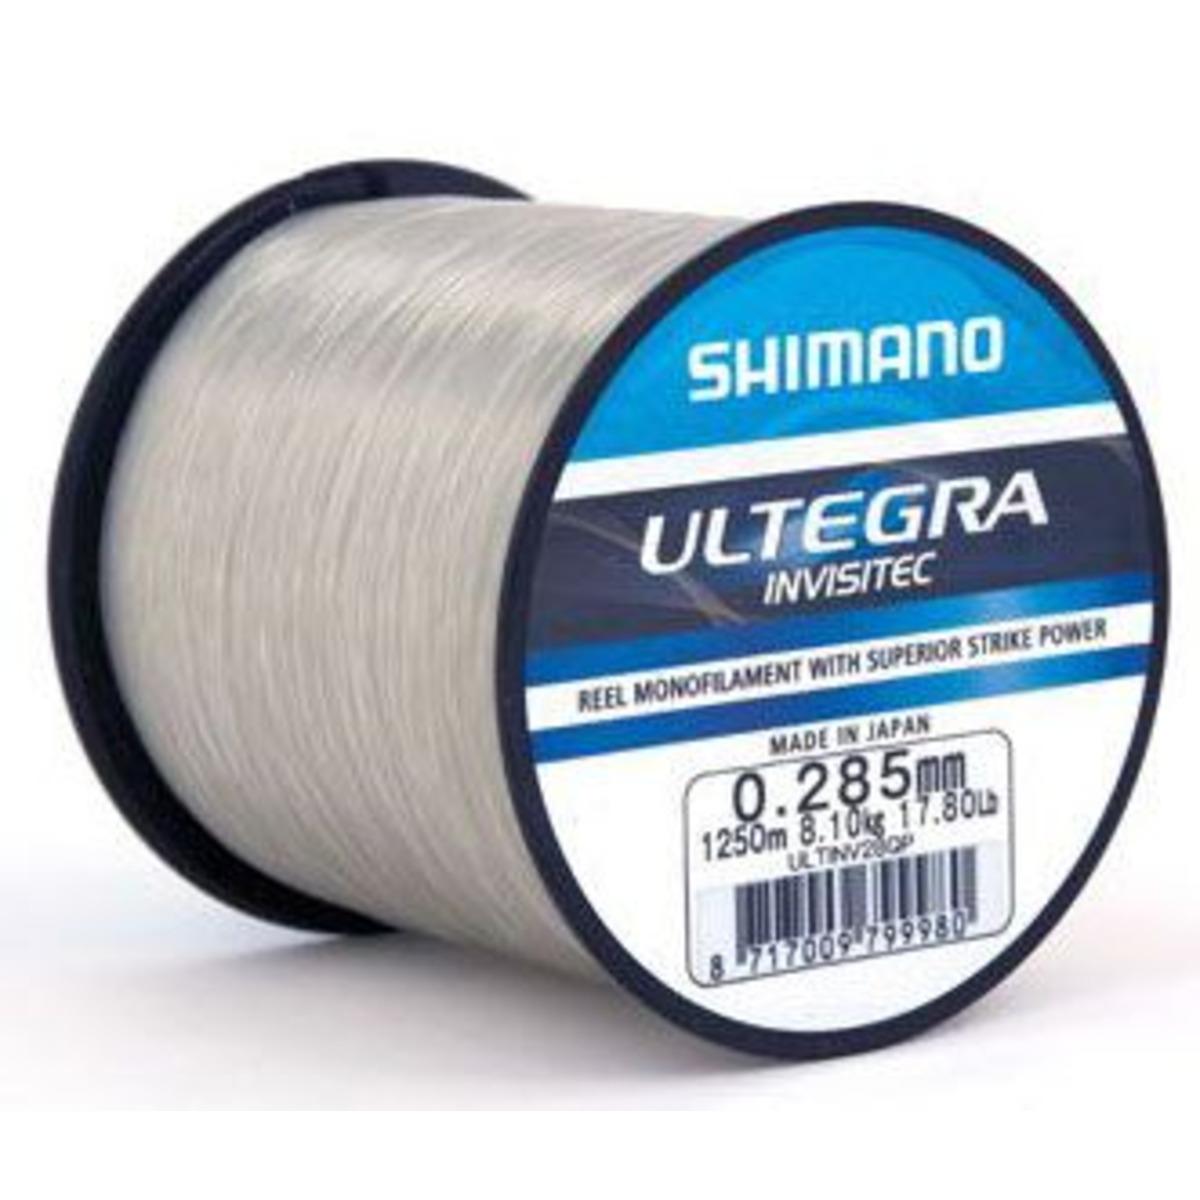 Shimano Ultegra Invisitec QP - 0.285 mm - 1250 m